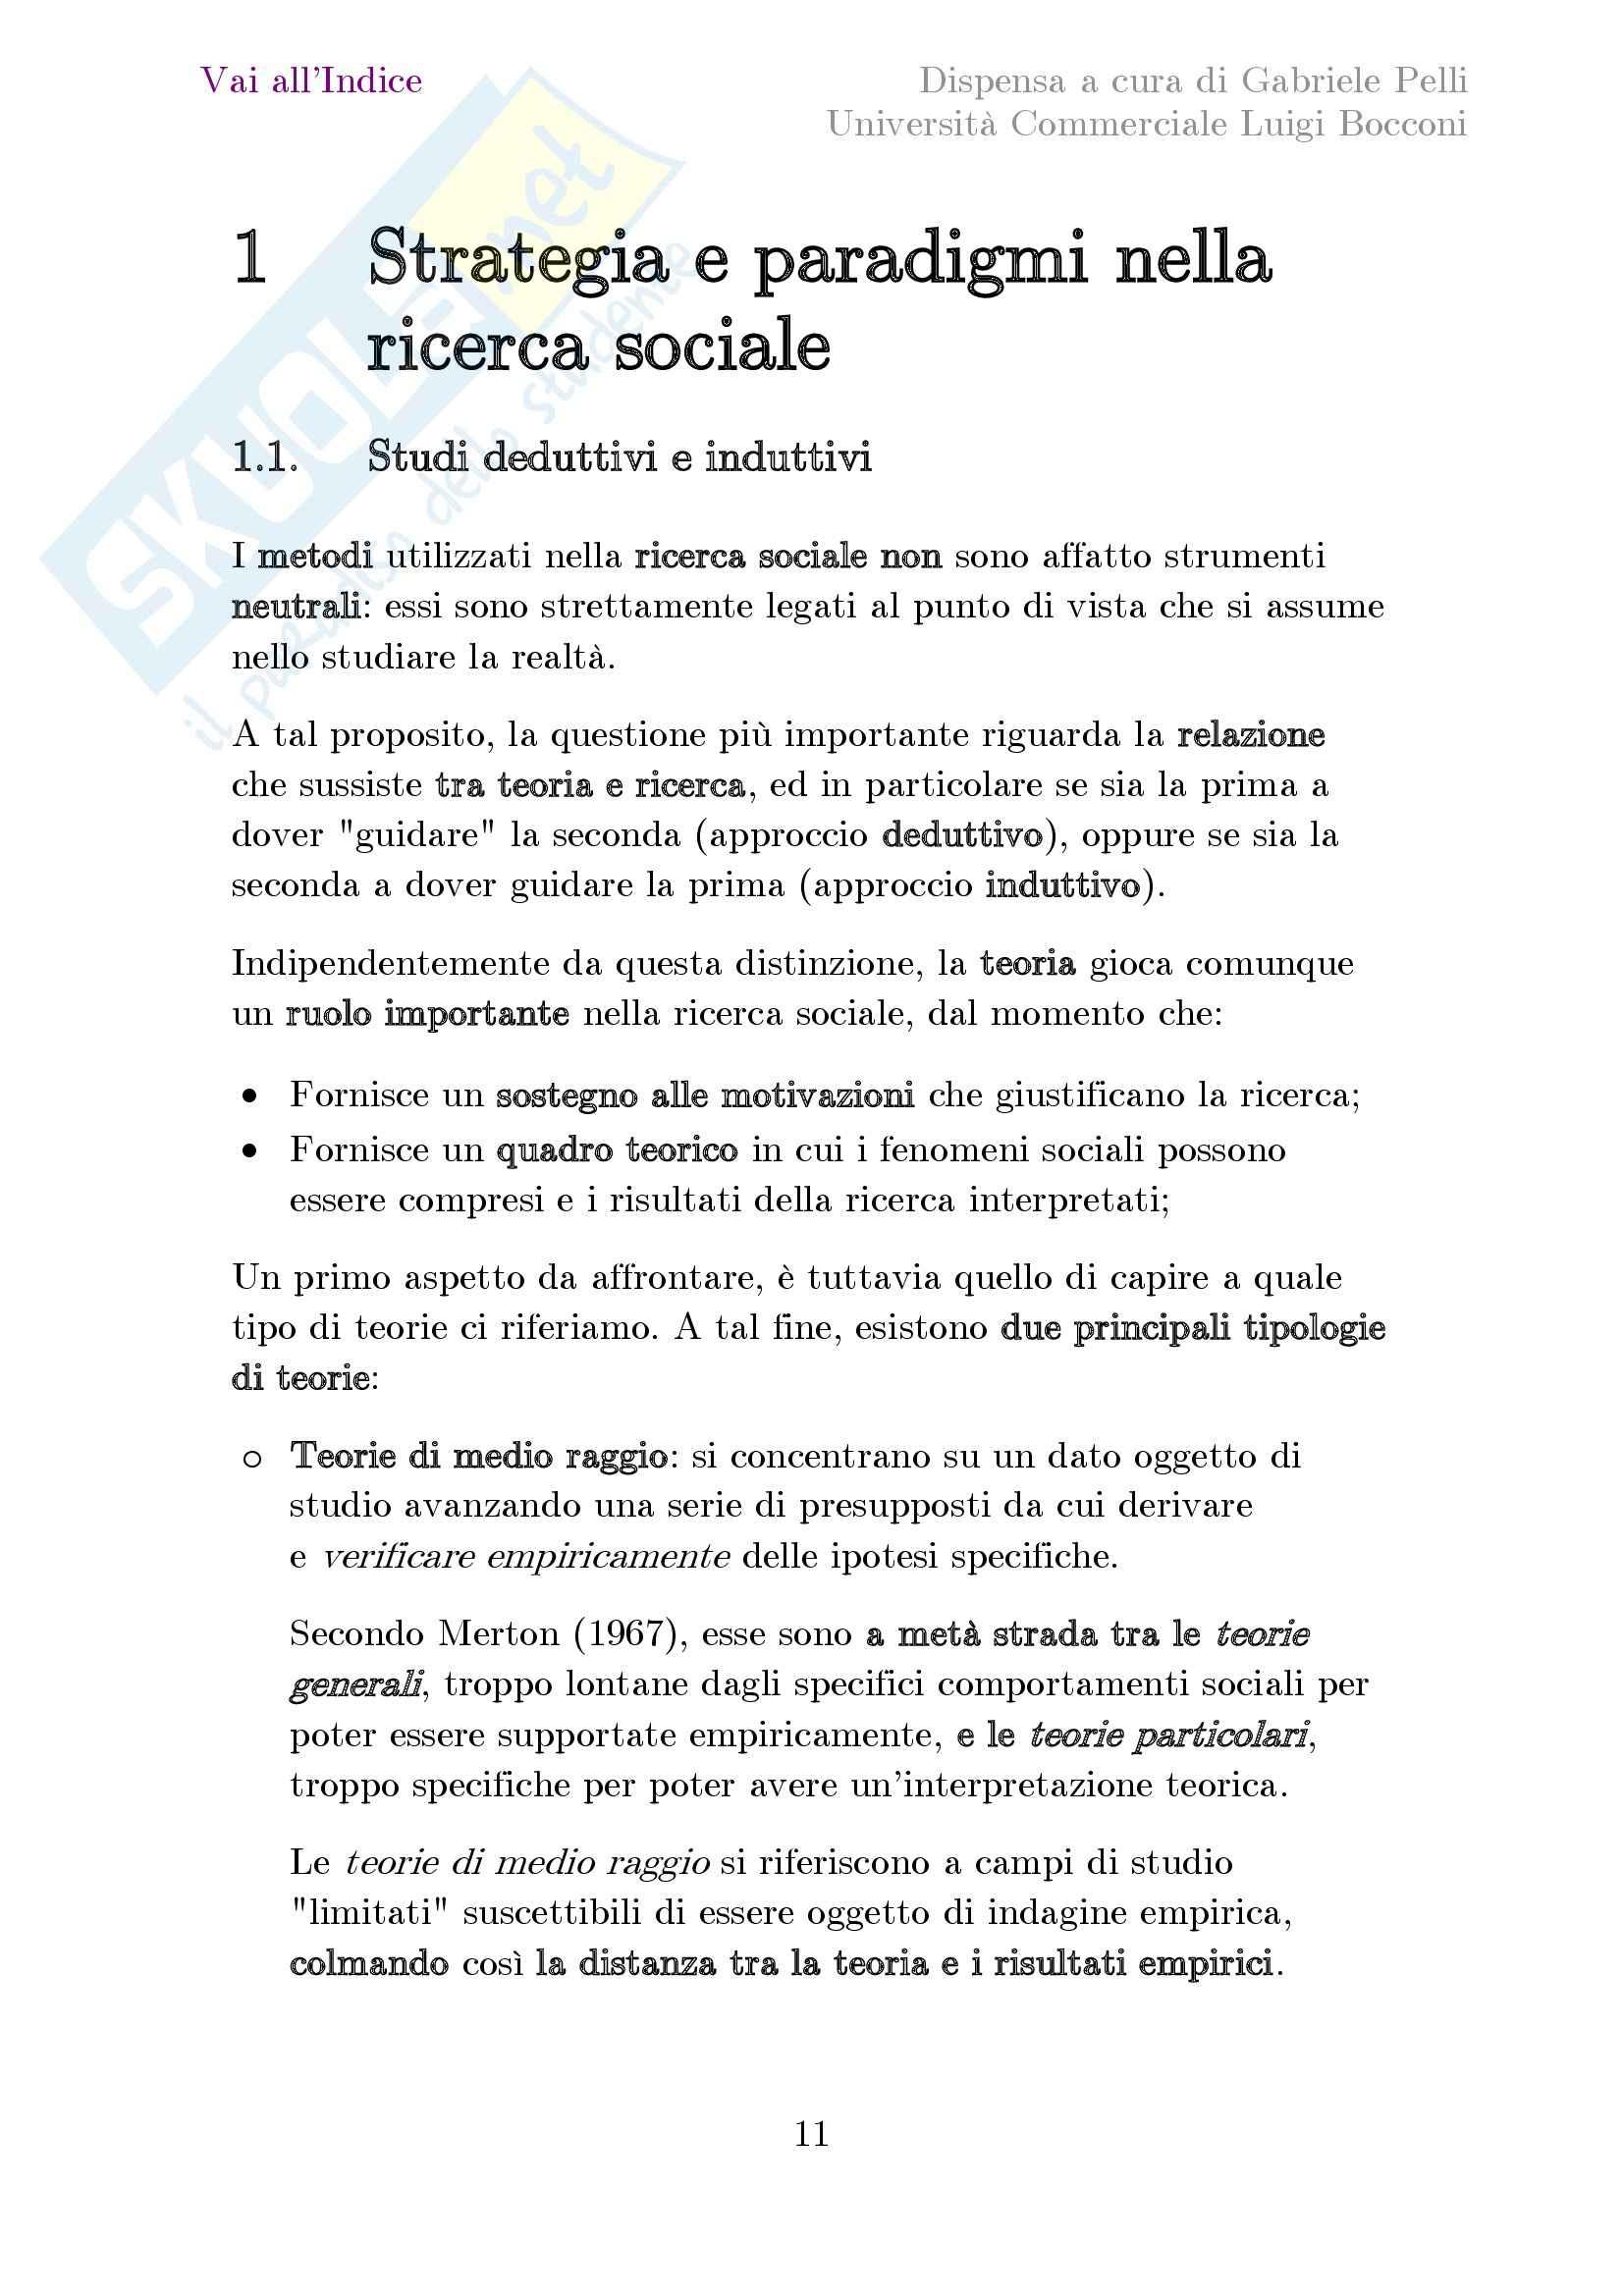 Istituzioni di governo e società - Appunti Pag. 11